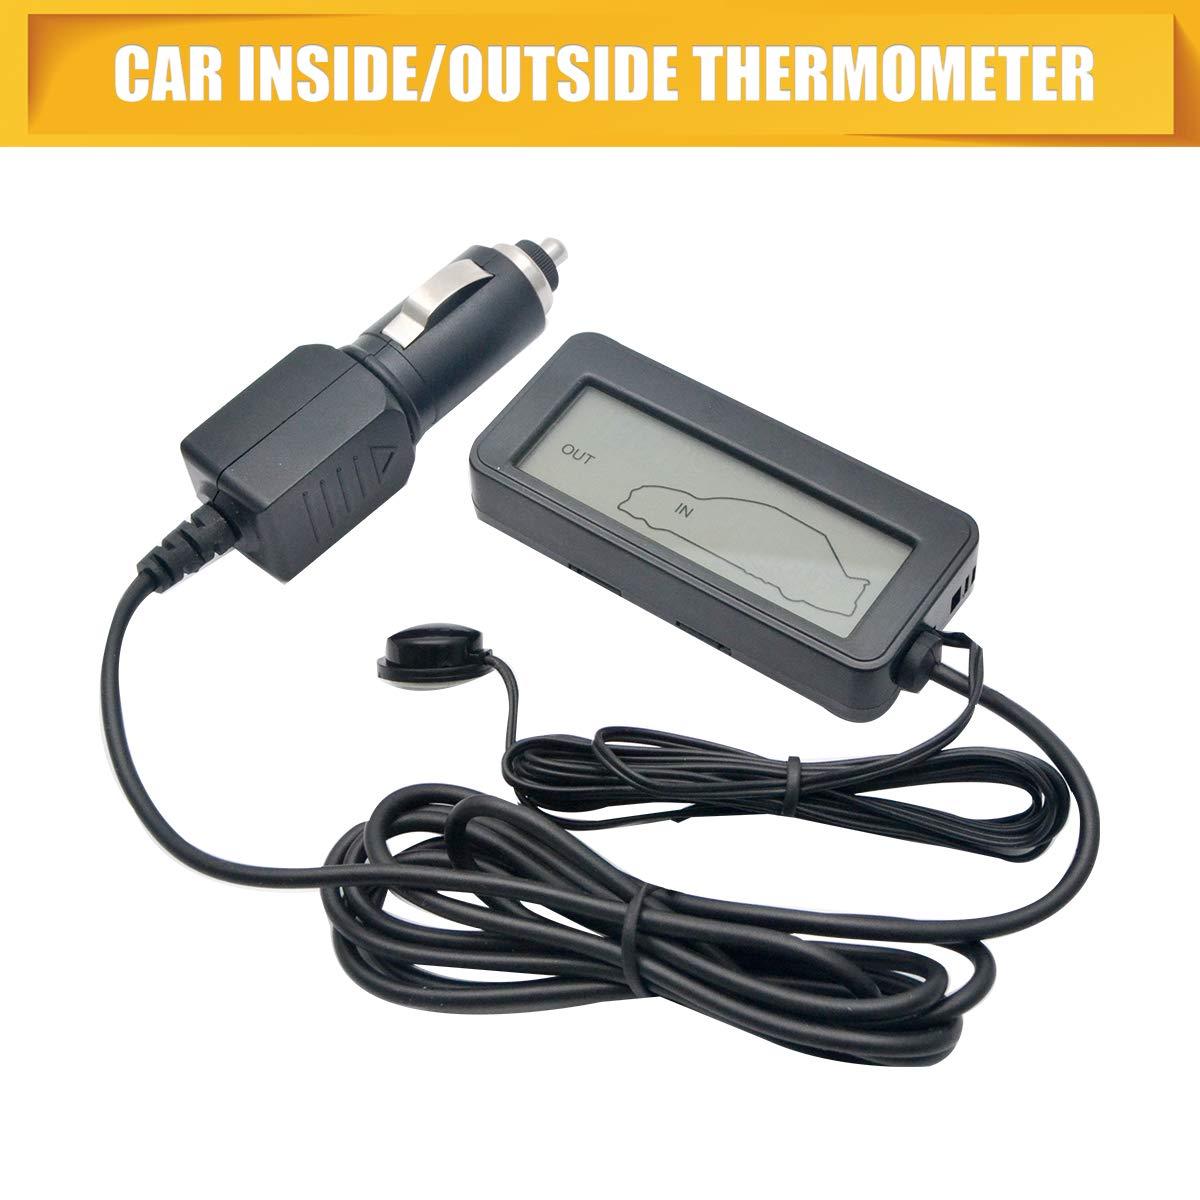 Digitales Thermometer DC 12 V f/ür Auto und Innen 86 mm blaue Hintergrundbeleuchtung